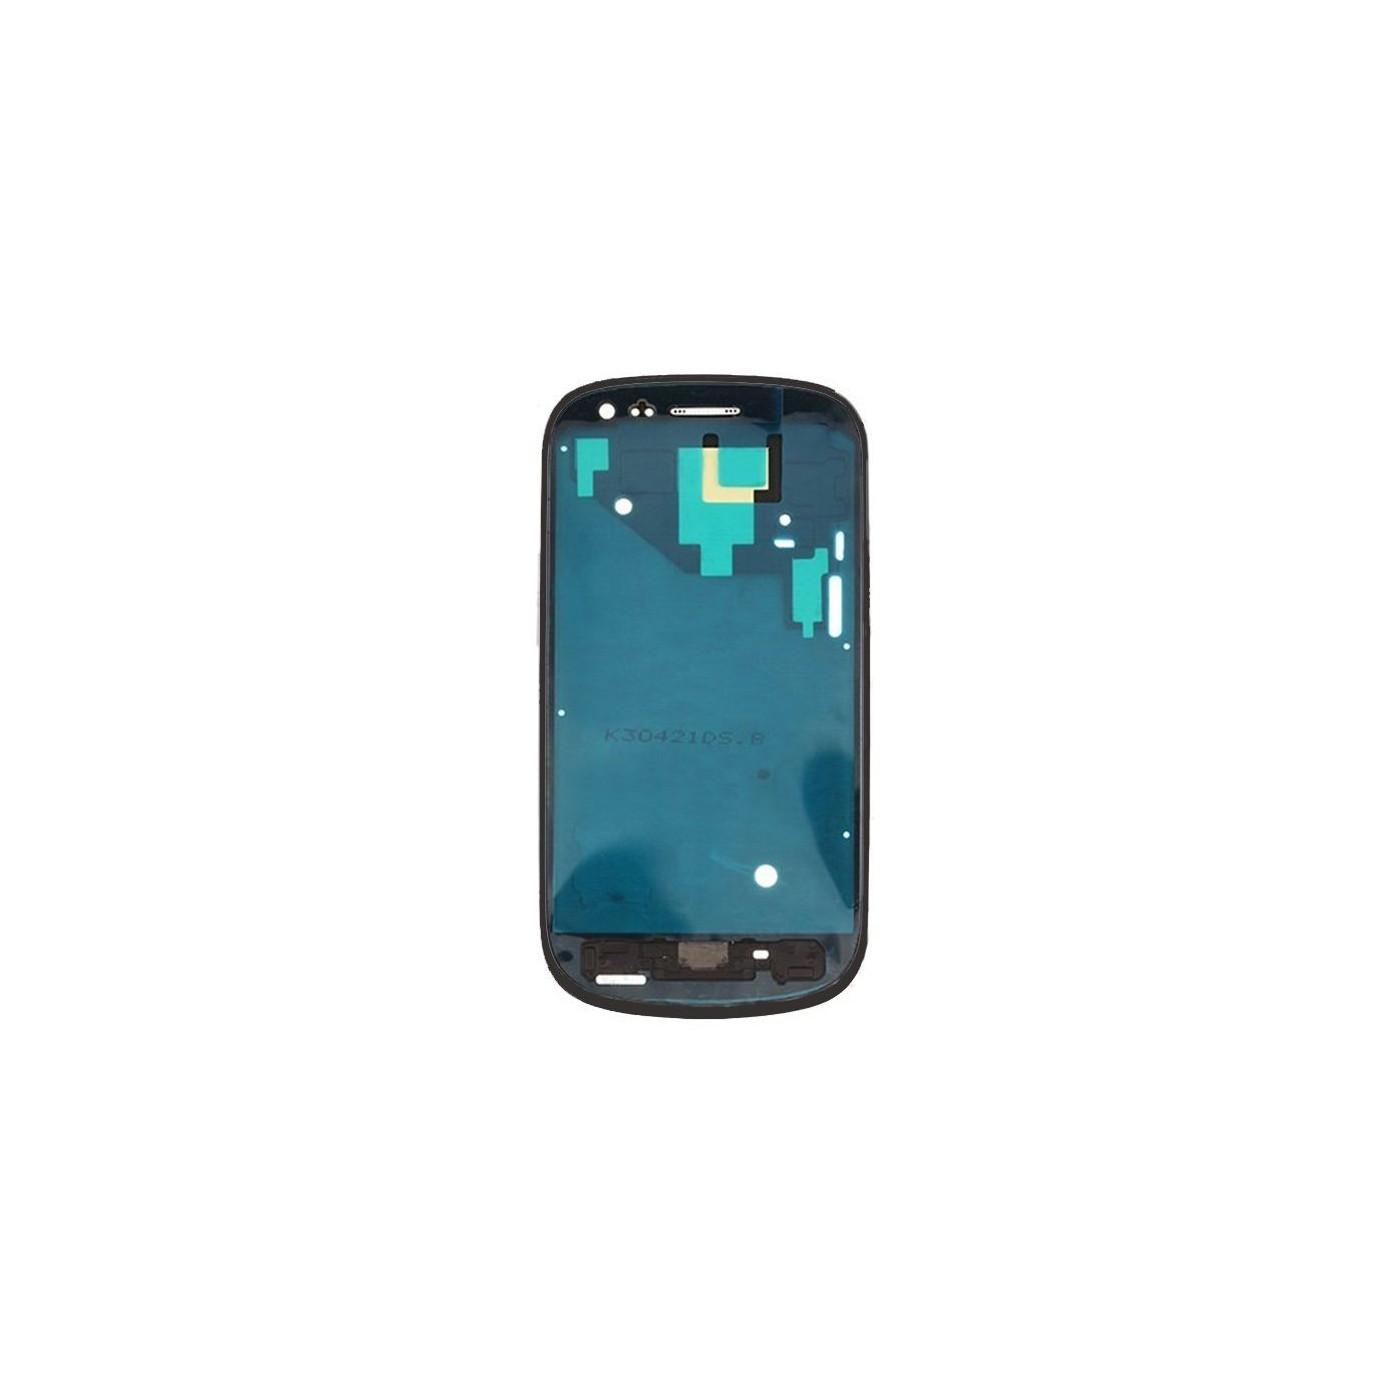 Frame Telaio Scocca Samsung Galaxy S3 mini I8190 nero Cornice Centrale